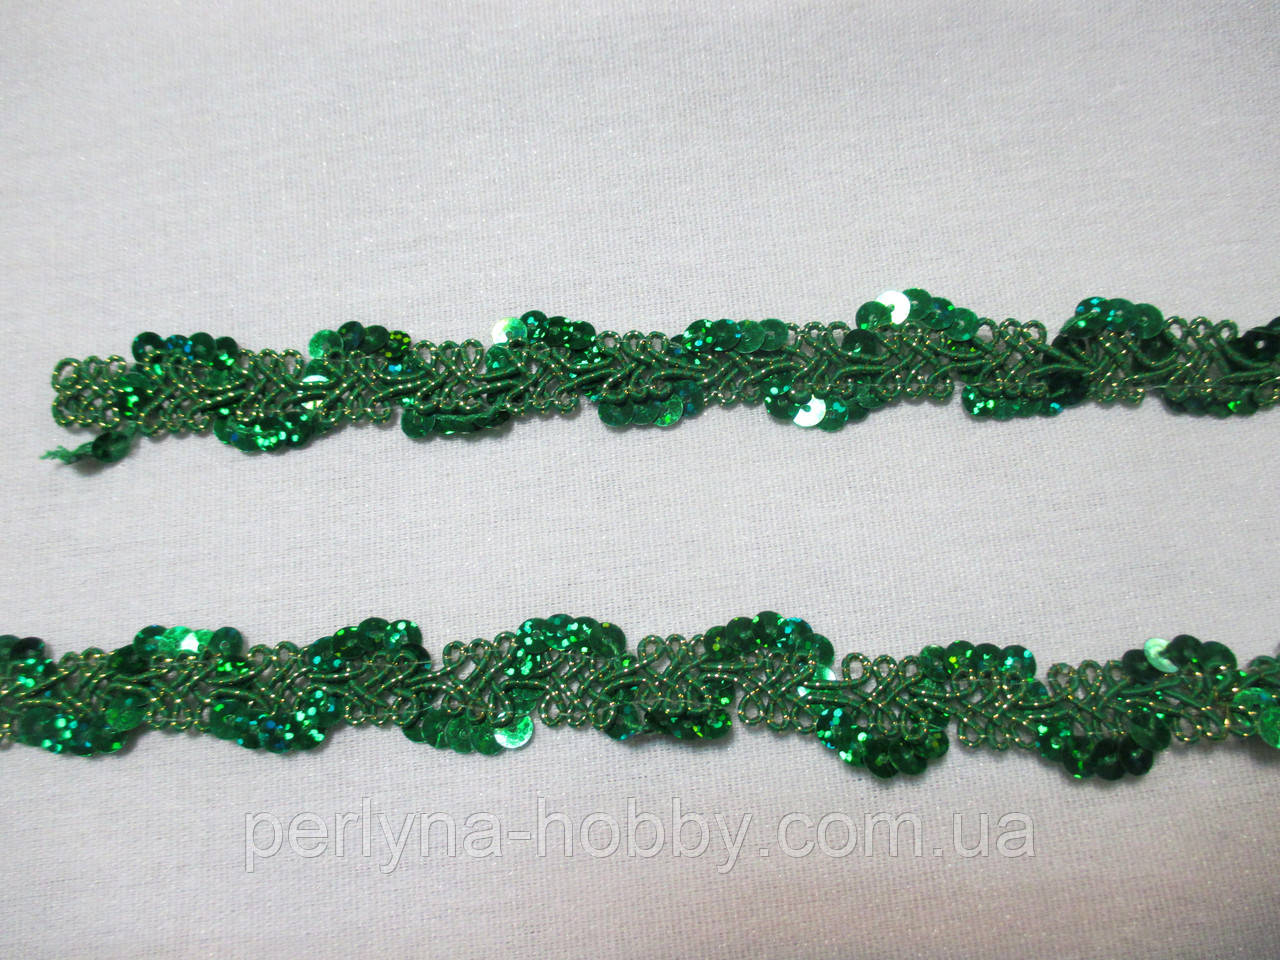 Тасьма з паєтками зелена см 1,8 см.